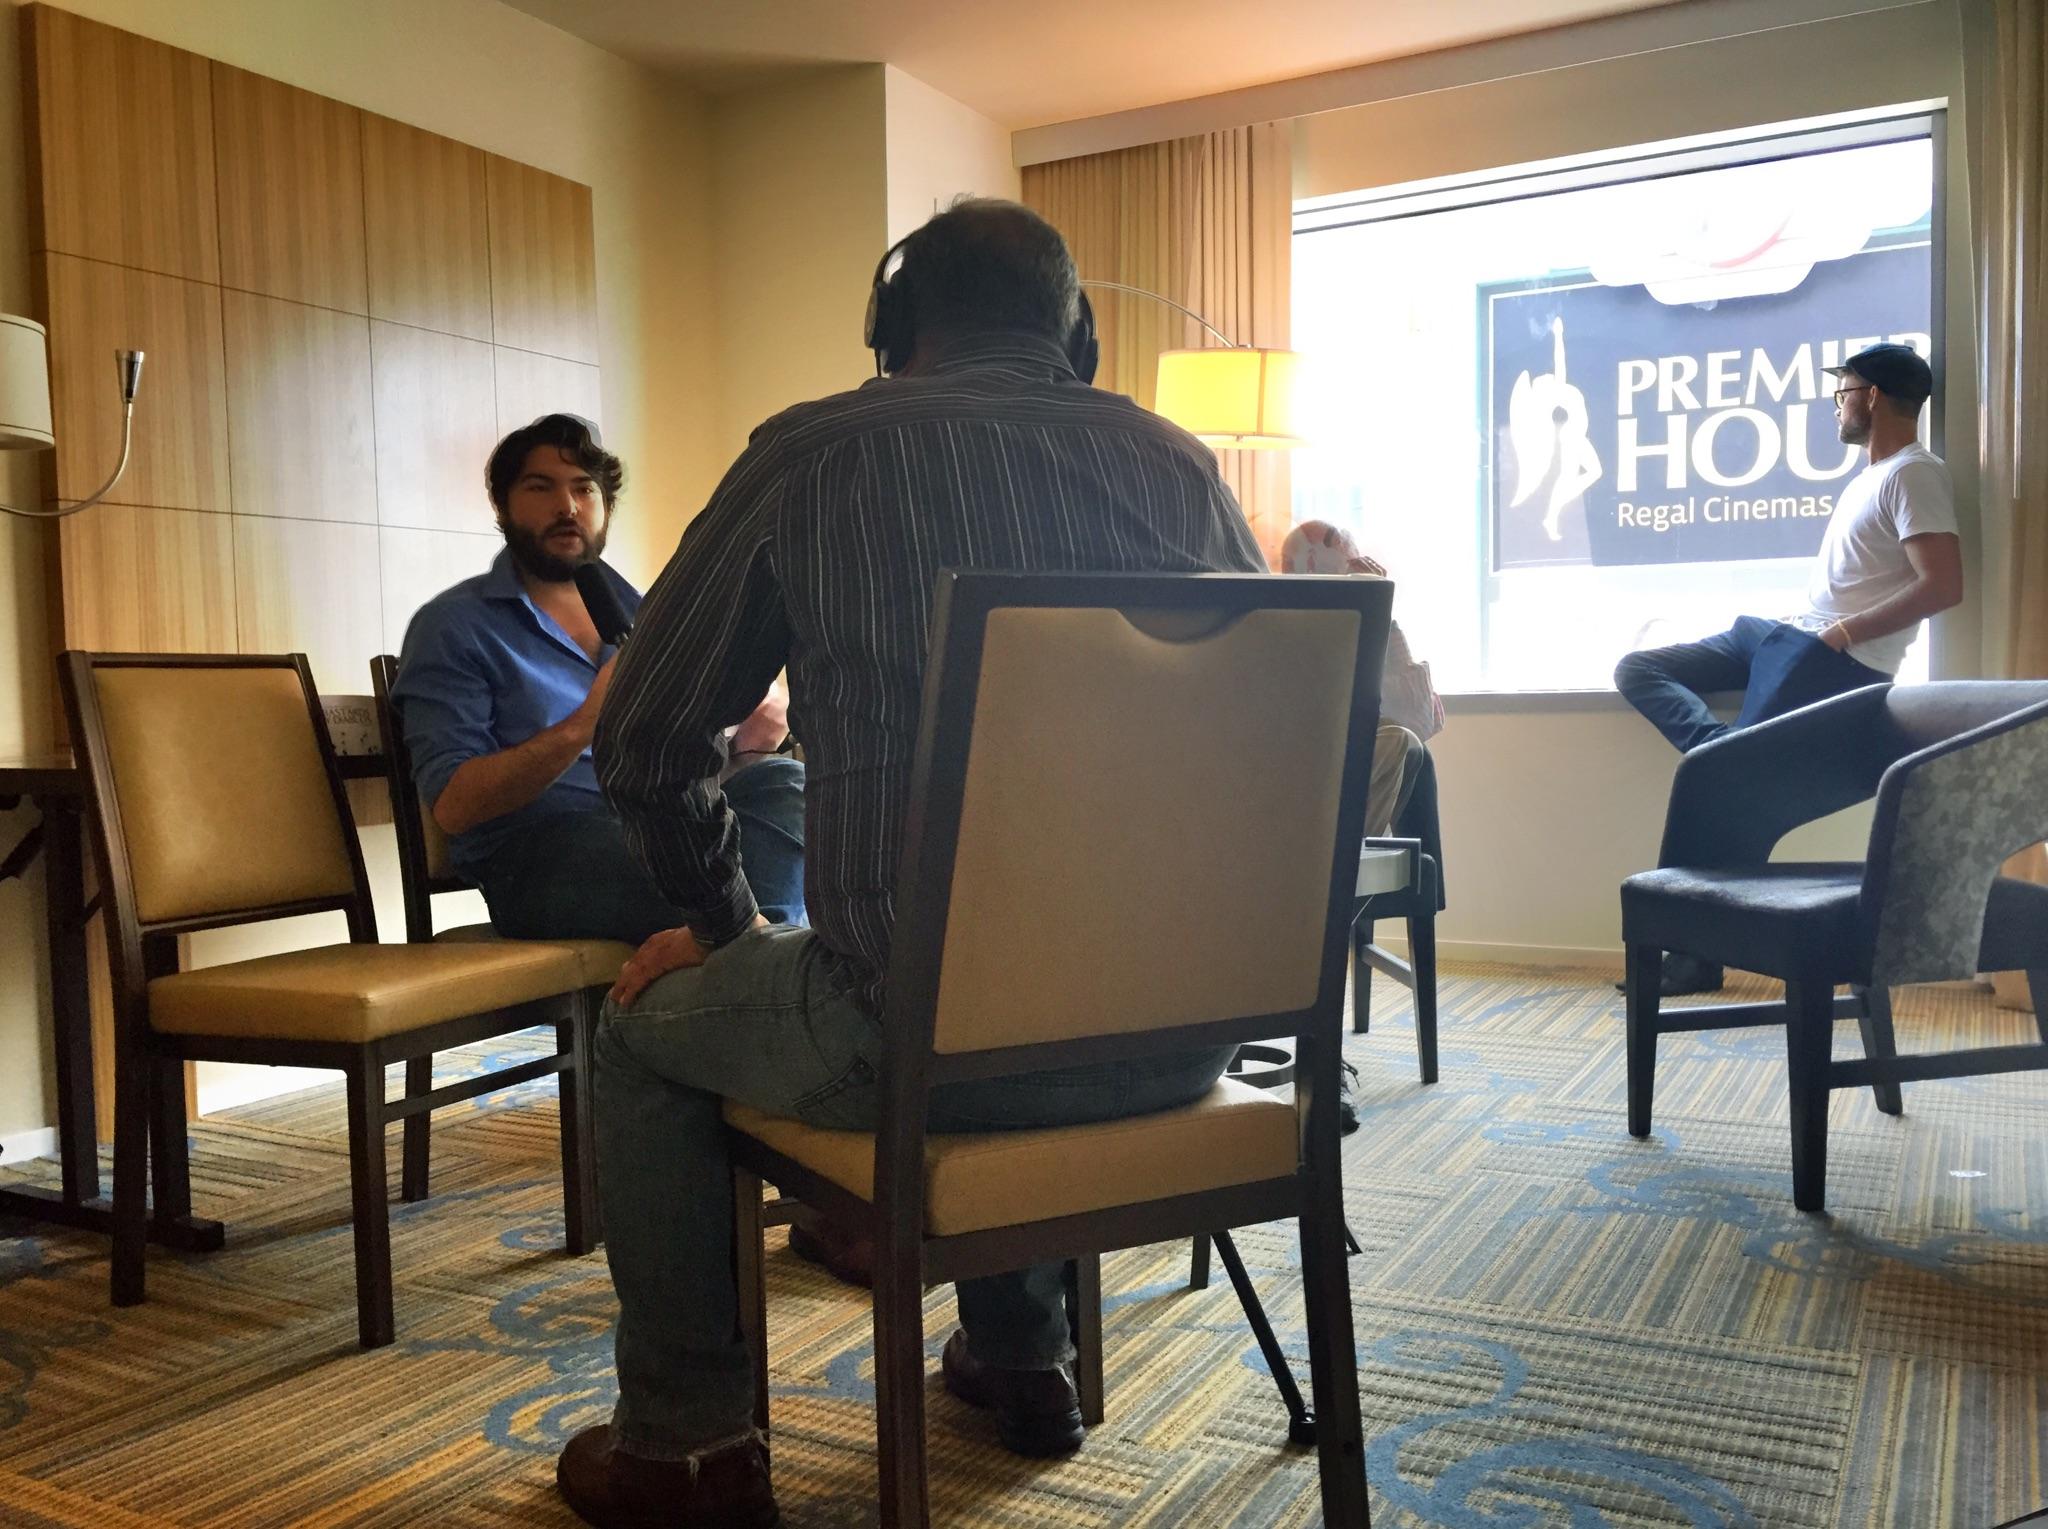 LAFF hotel interv.JPG